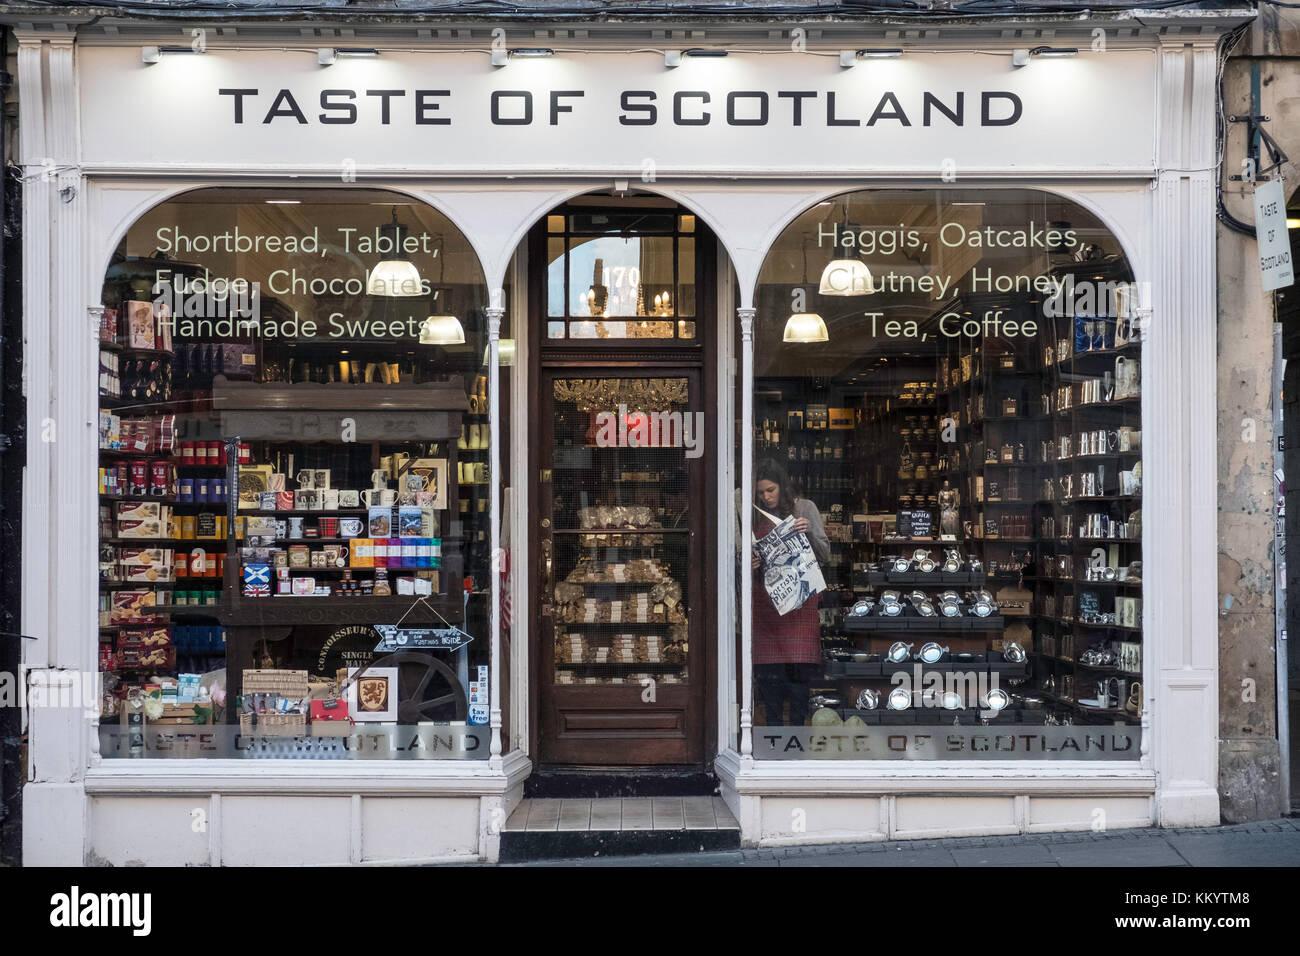 Geschmack von Schottland Shop Verkauf von Lebensmitteln und anderen Erzeugnissen in Schottland in der Altstadt von Stockbild